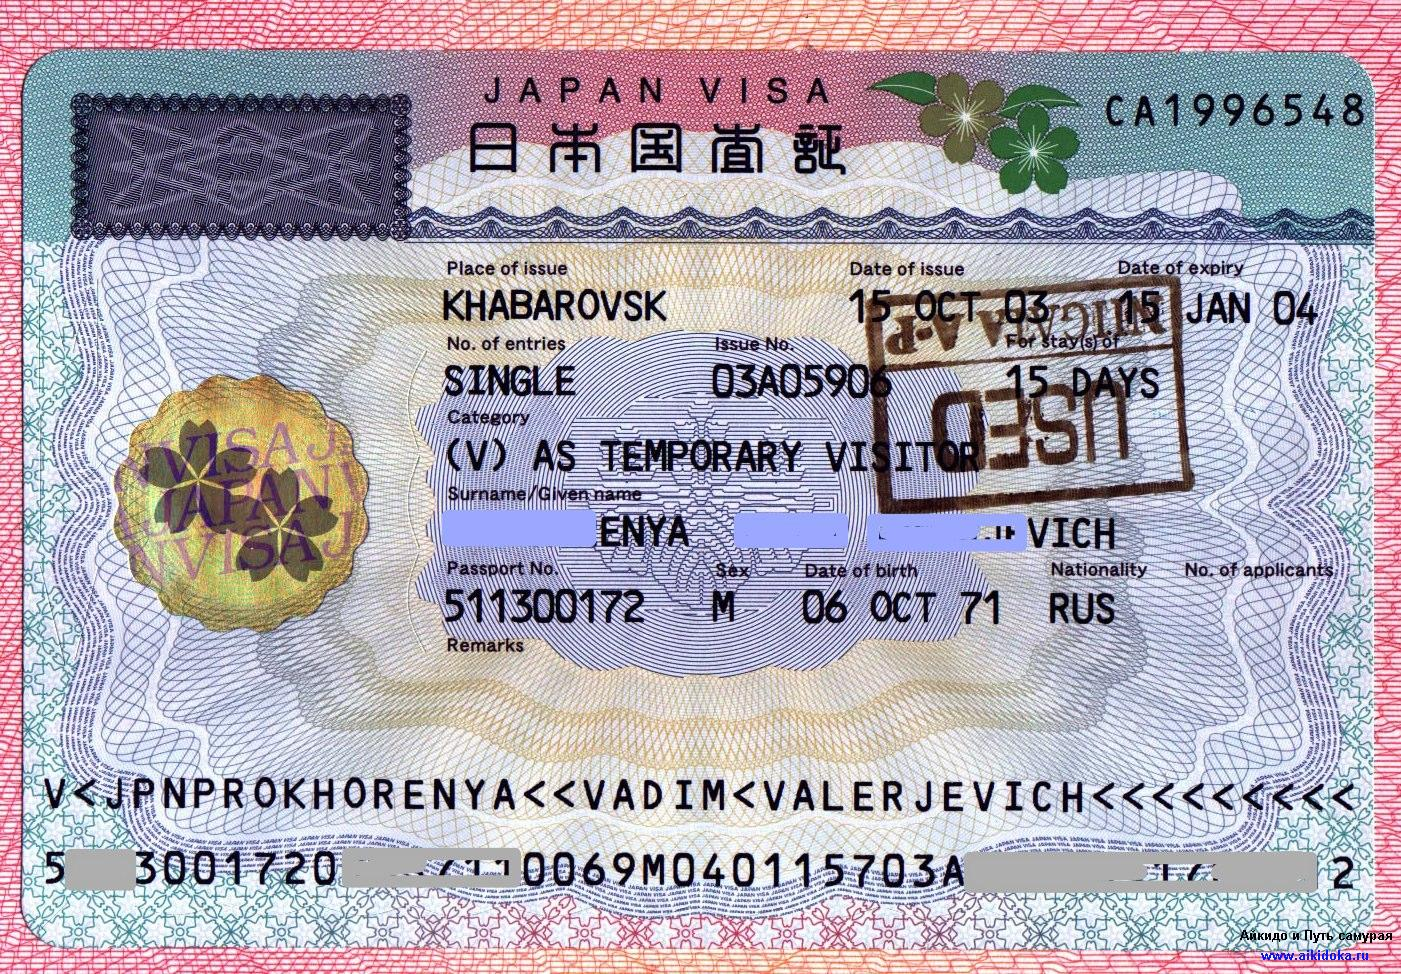 виза в японию требования к фото